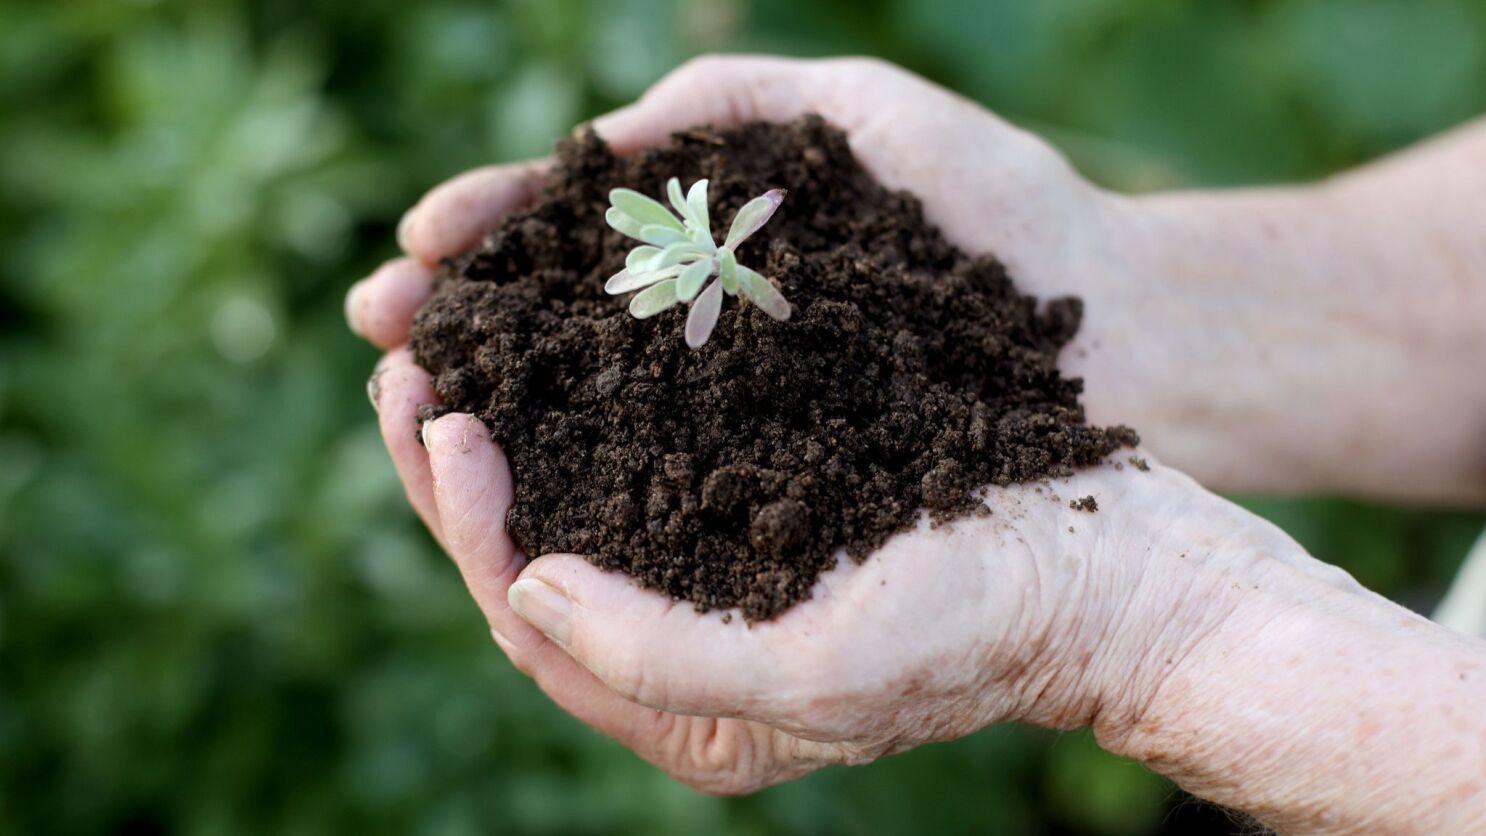 Georgia South Red Clay Dirt Soil Nutrient Rich Soil Retains Moisture